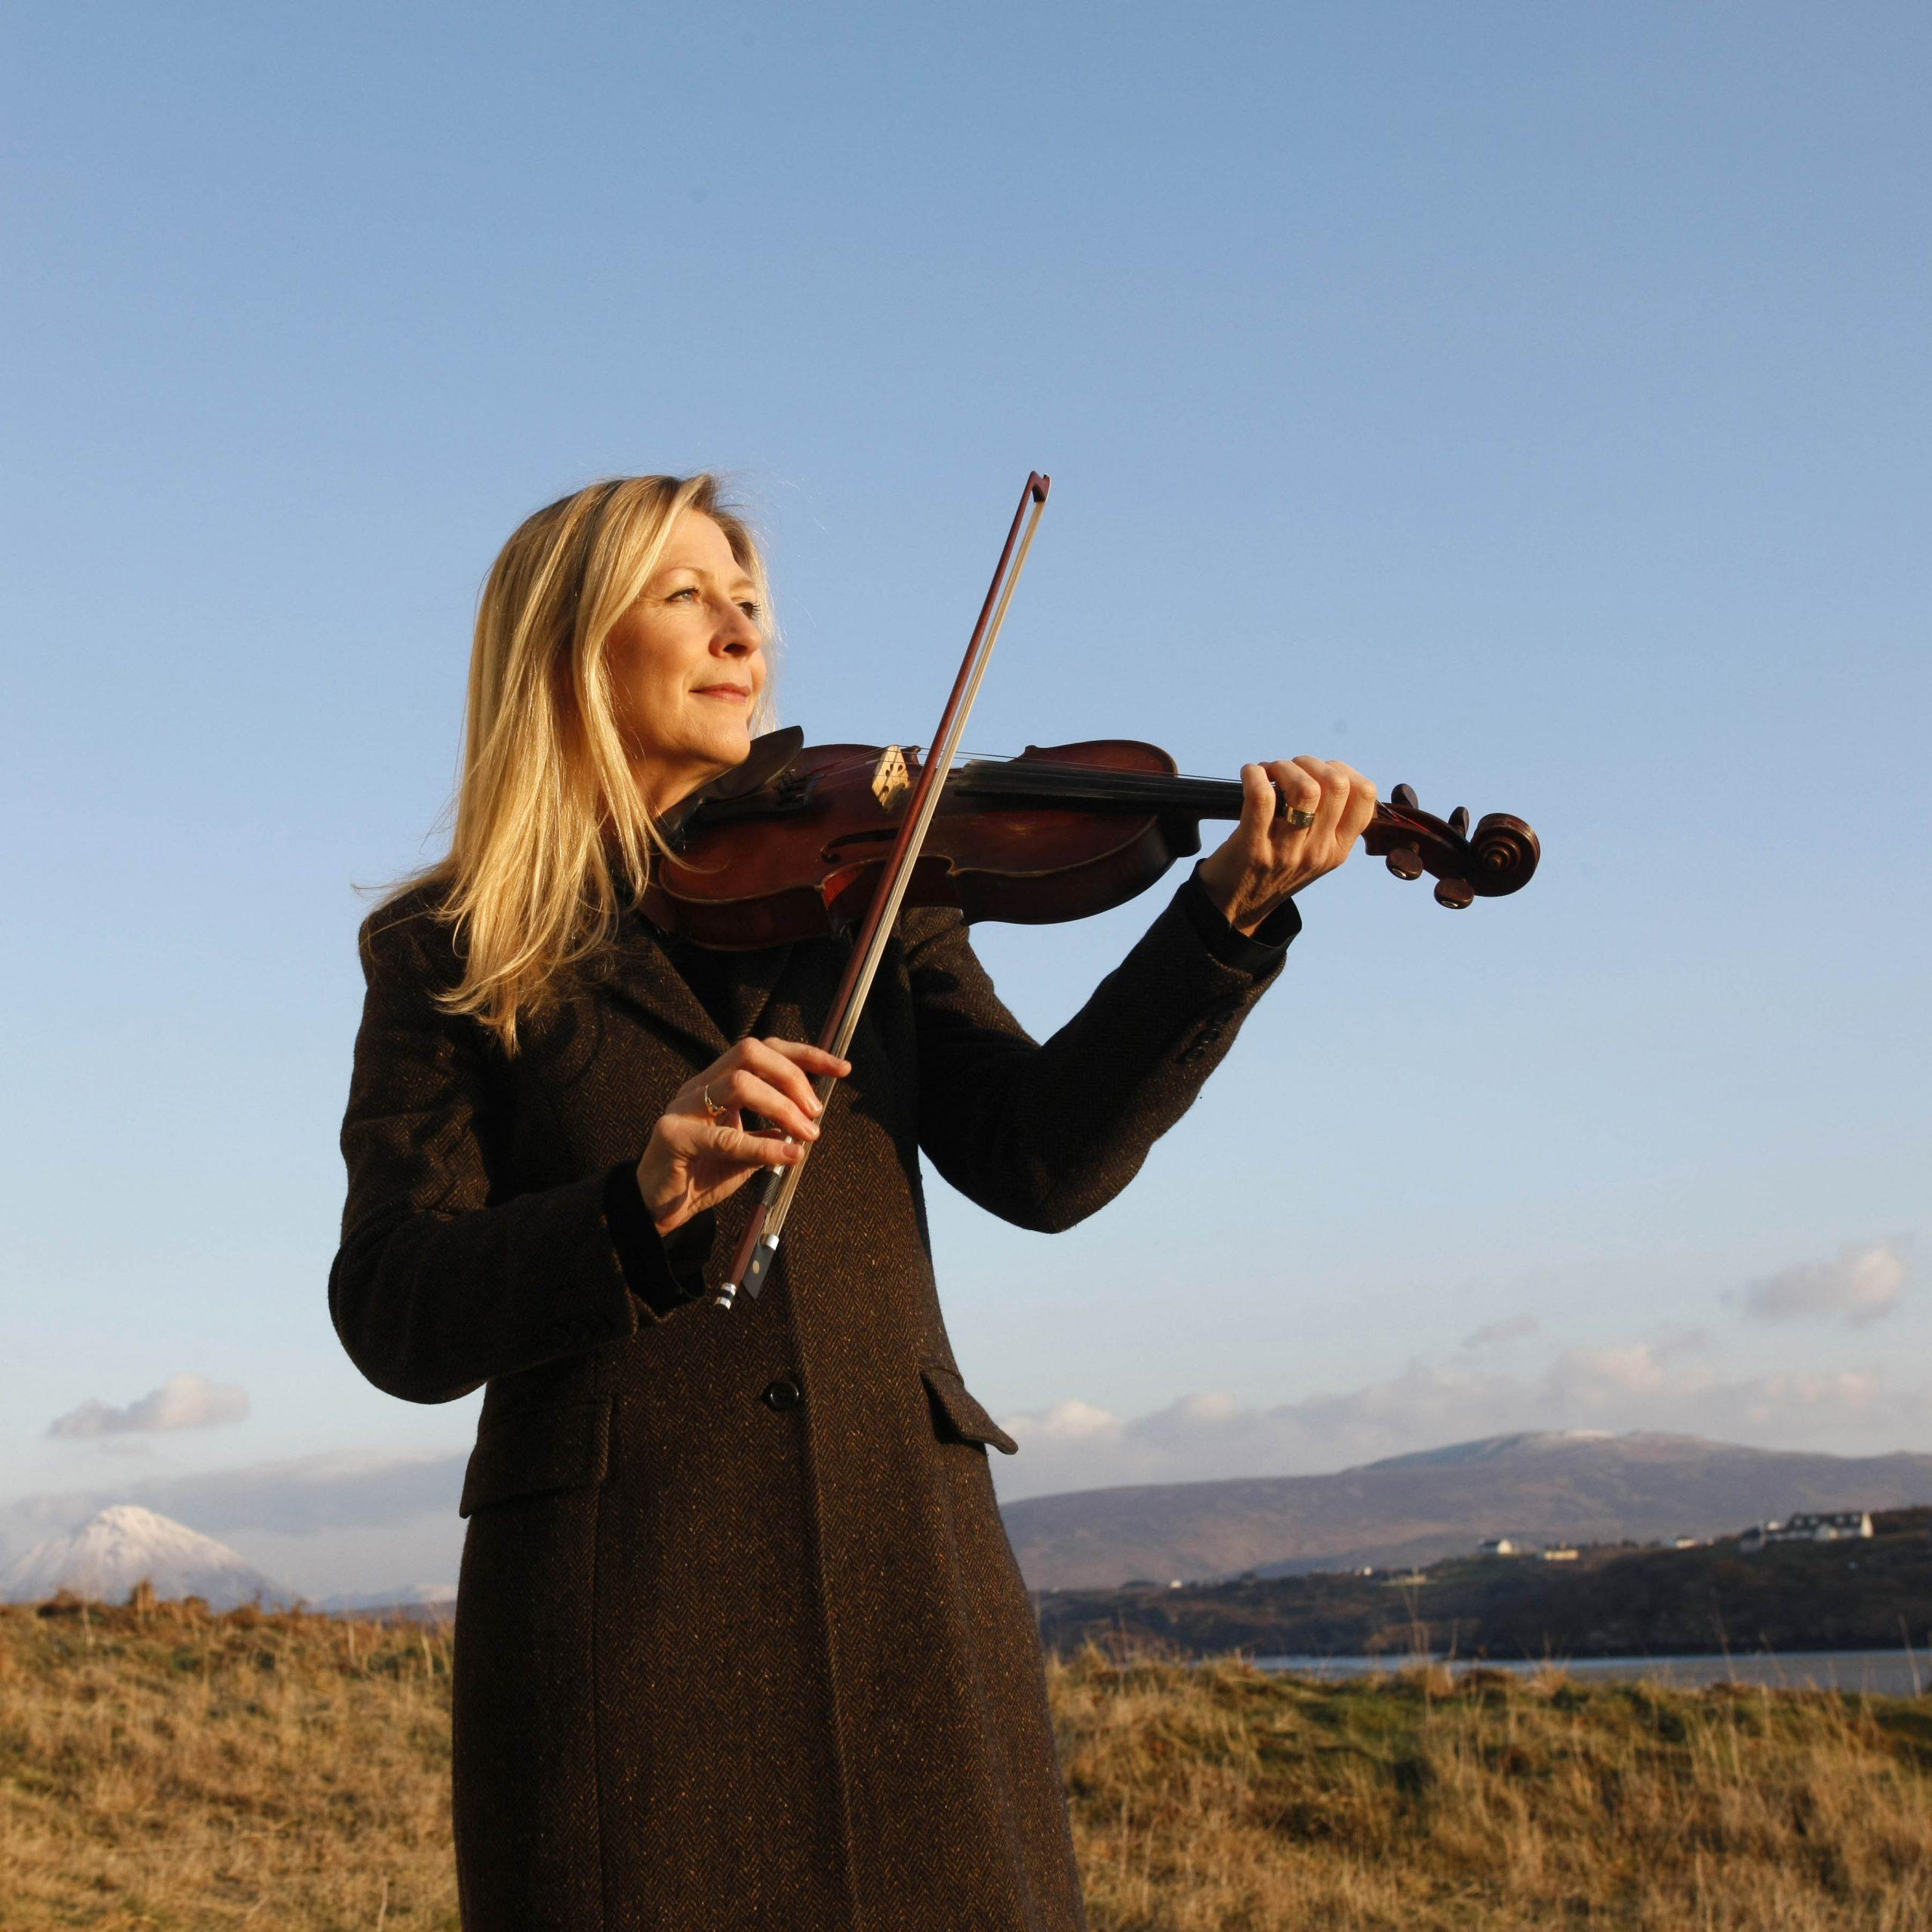 Donegal fiddler Mairéad Ní Mhaonaigh